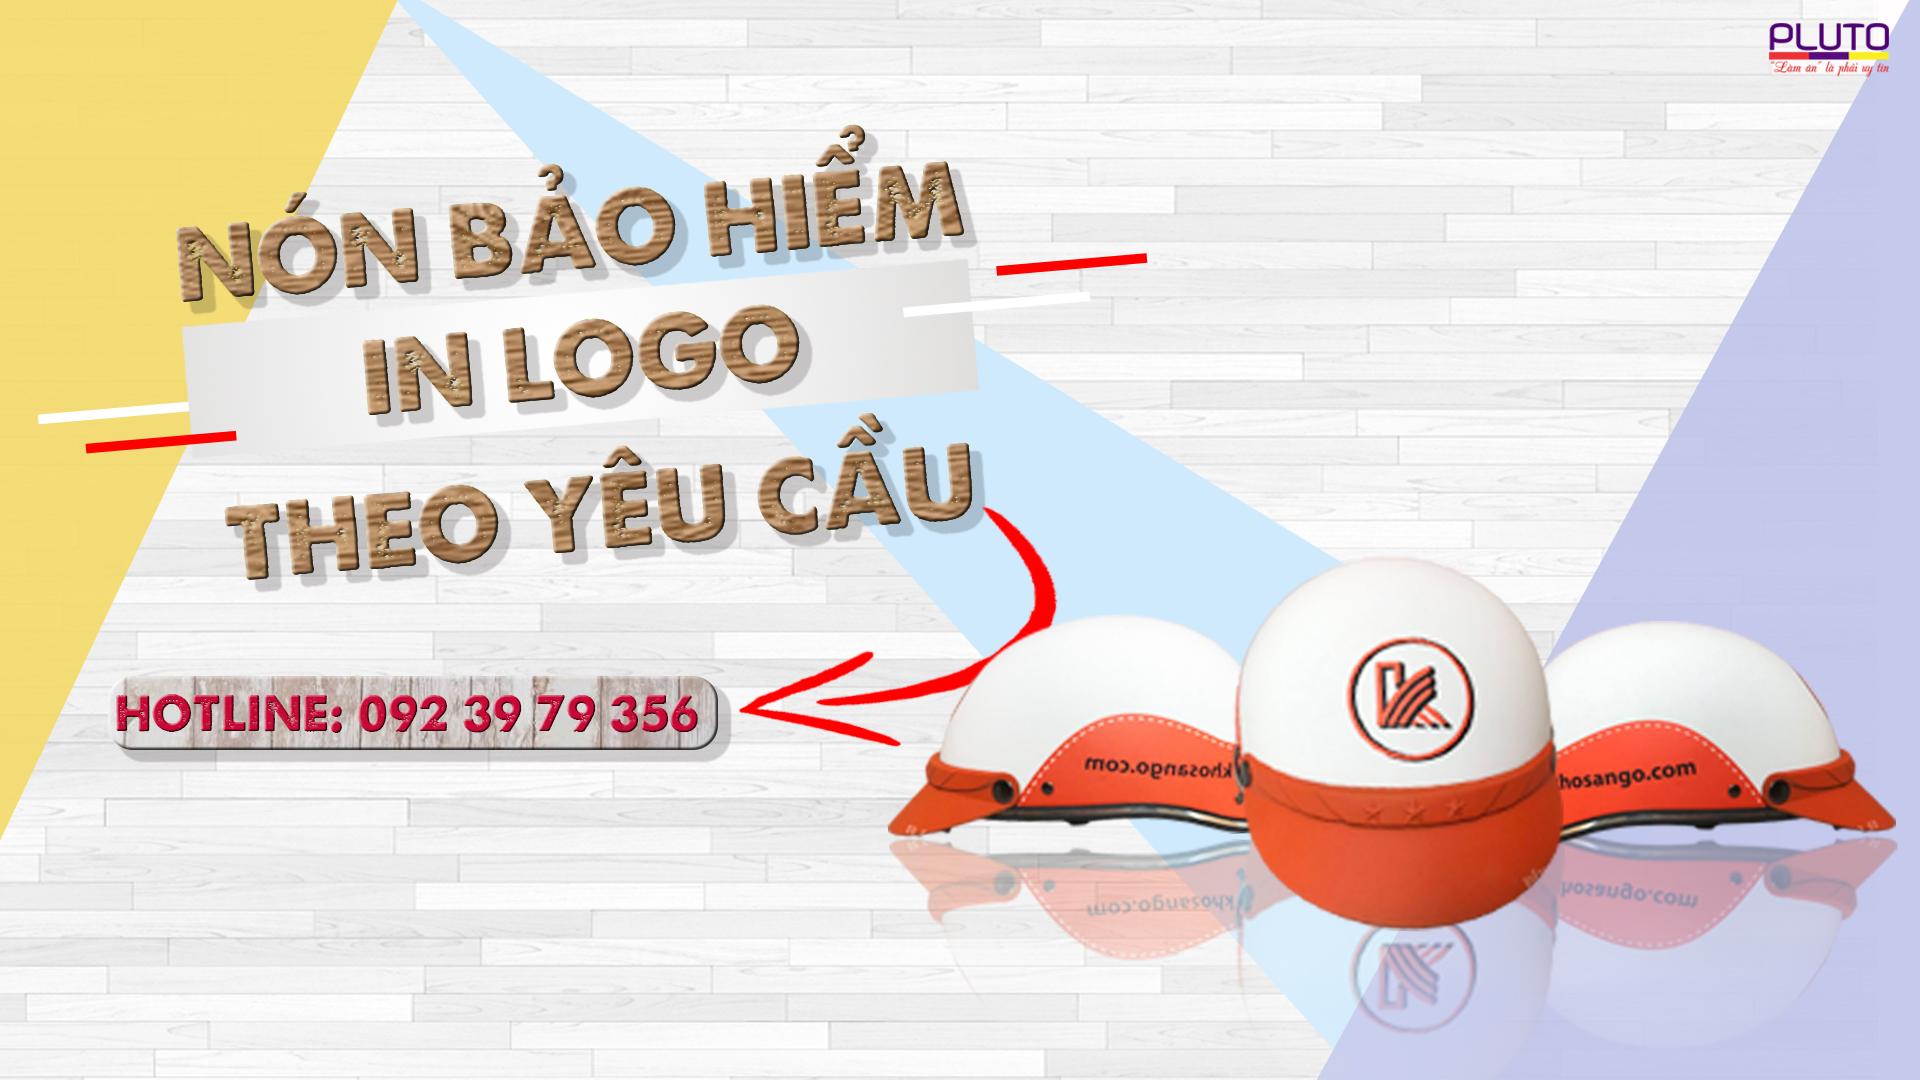 Xuong San Xuat Non Bao Hiem In Log Theo Yeu Cau (106 1)